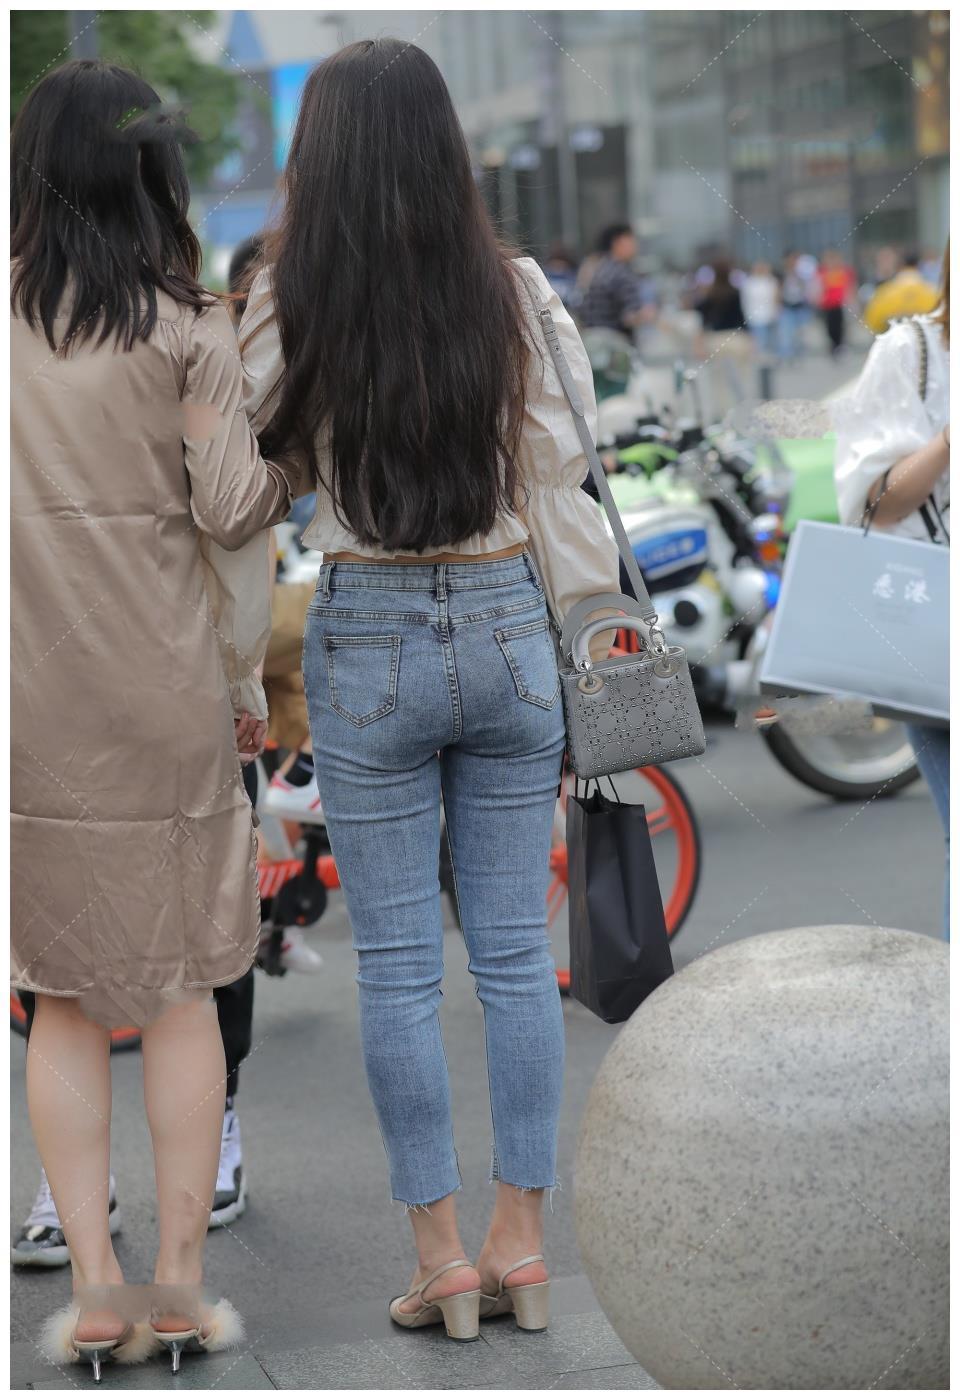 泡泡袖方领收腰上衣搭配牛仔裤, 修身显瘦, 优雅有气质